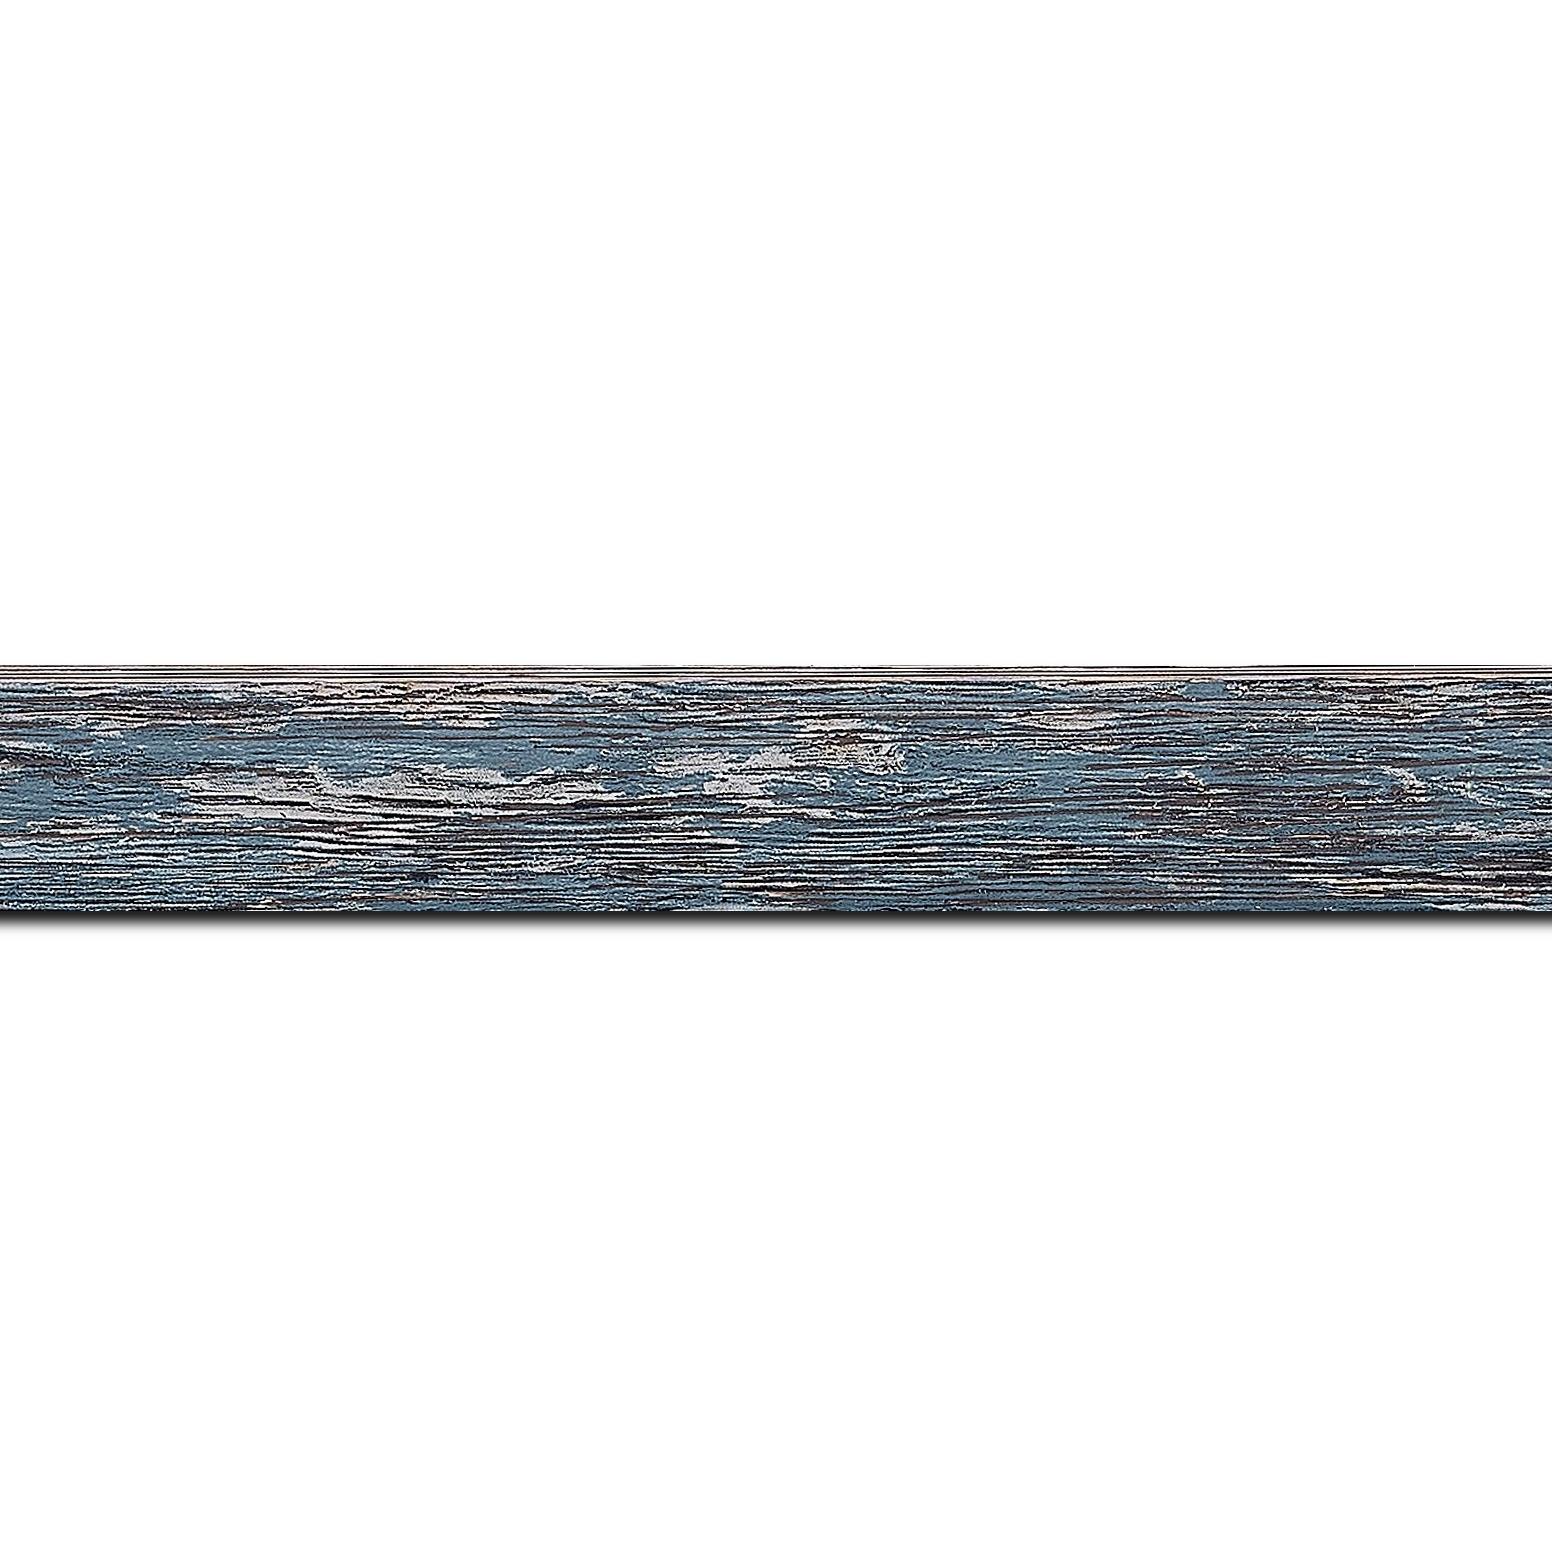 Baguette longueur 1.40m bois profil arrondi en pente plongeant largeur 2.4cm couleur bleu pétrole finition veinée, reflet argenté